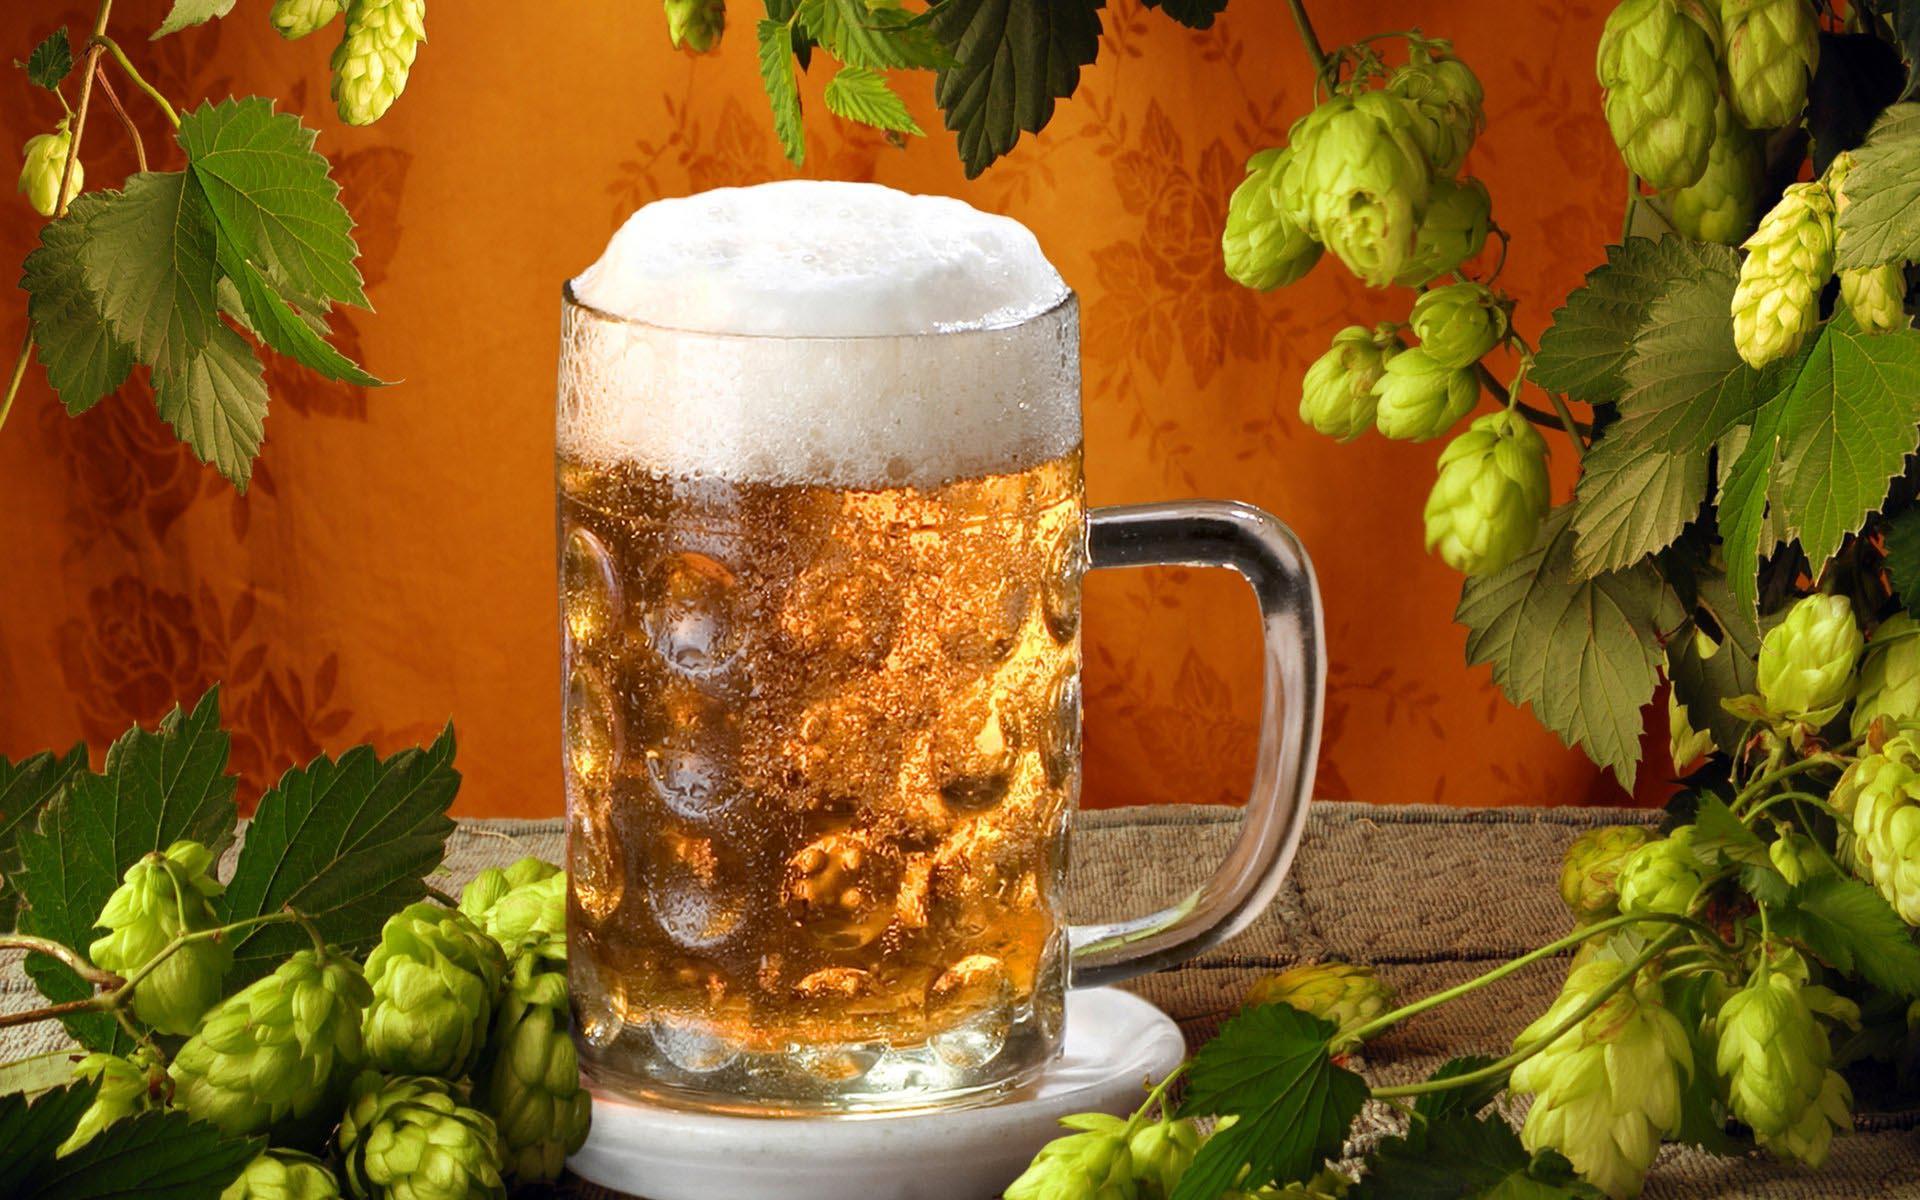 кружка пива, фото, хмель, обои для рабочего стола